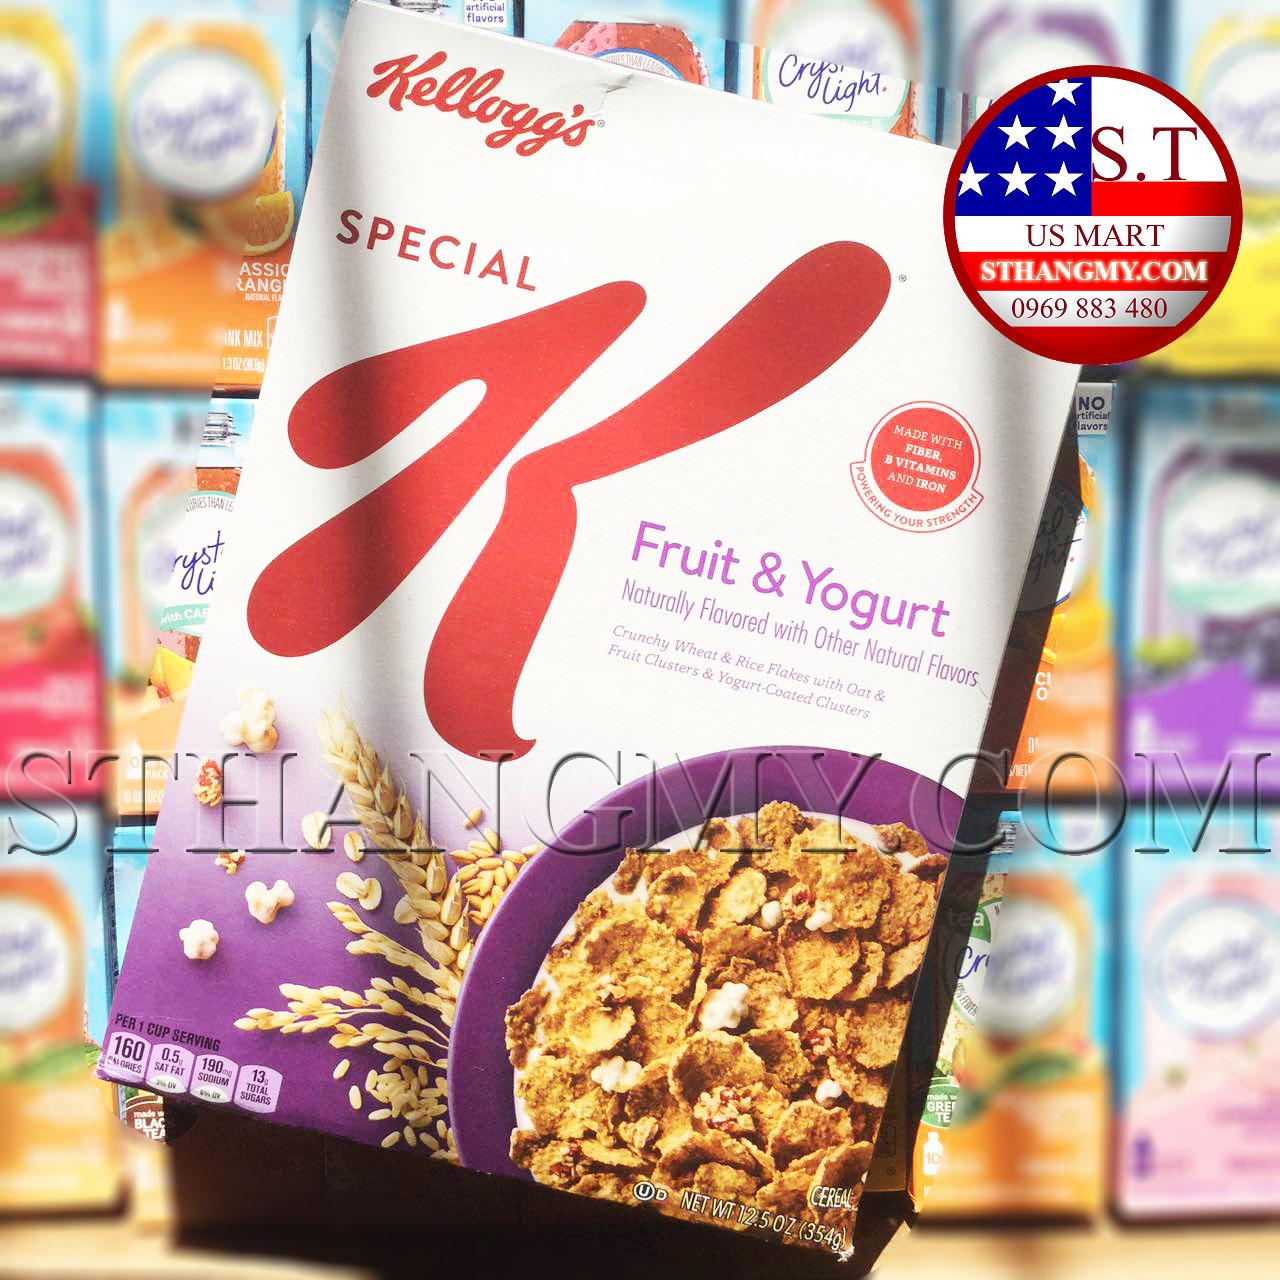 Ngũ cốc ăn sáng Kellogg's trái cây và sữa chua của Mỹ 354g